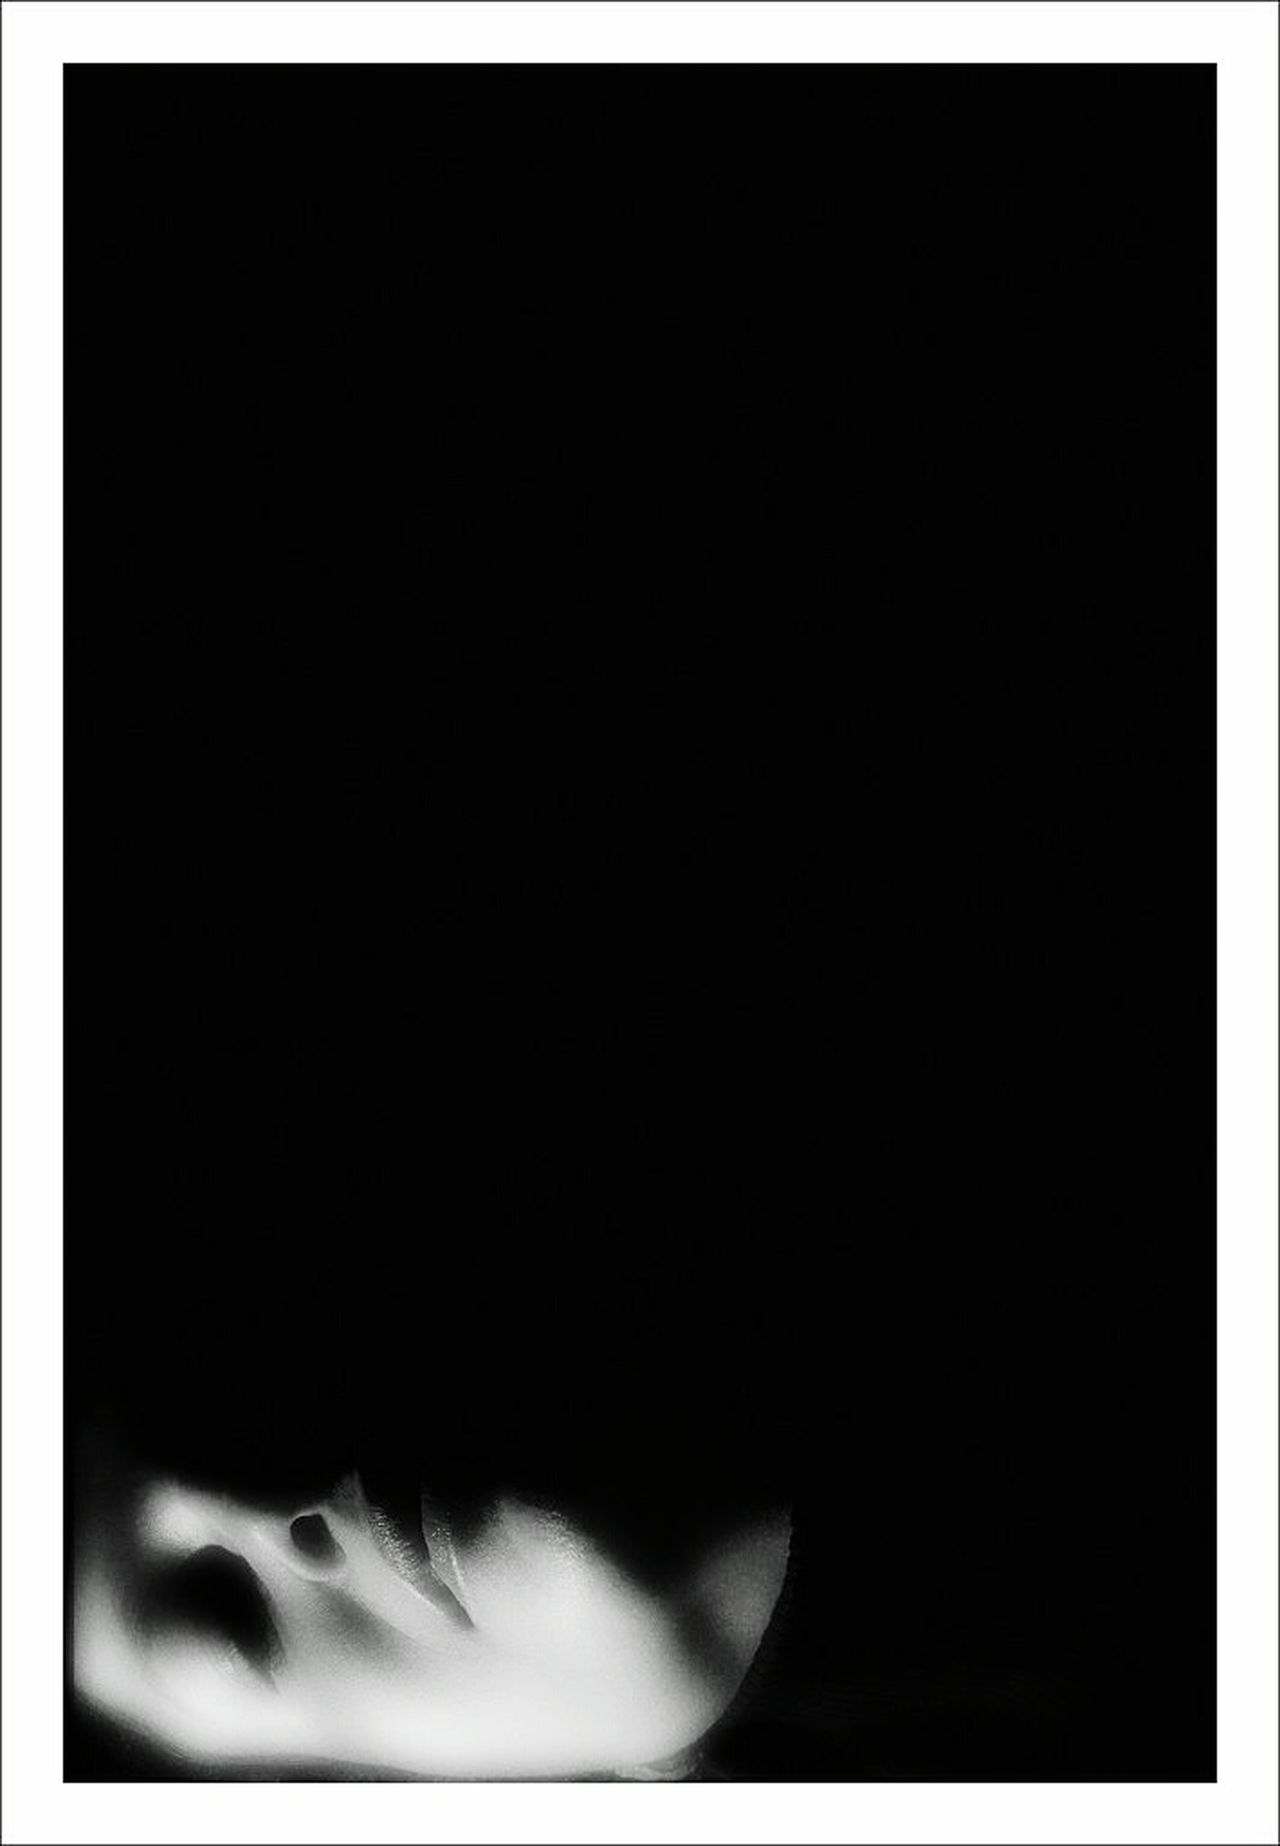 Puppets Relaxing Getting Inspired La Falsa Envoltura De Las Apariencias EyeEm Best Shots - Black + White Blanco & Negro  Black & White Monochrome Blanco Y Negro B&W Portrait Siluetas Para Que La Luna Llena Nunca Choque Contra El Suelo Siluette Marionetas